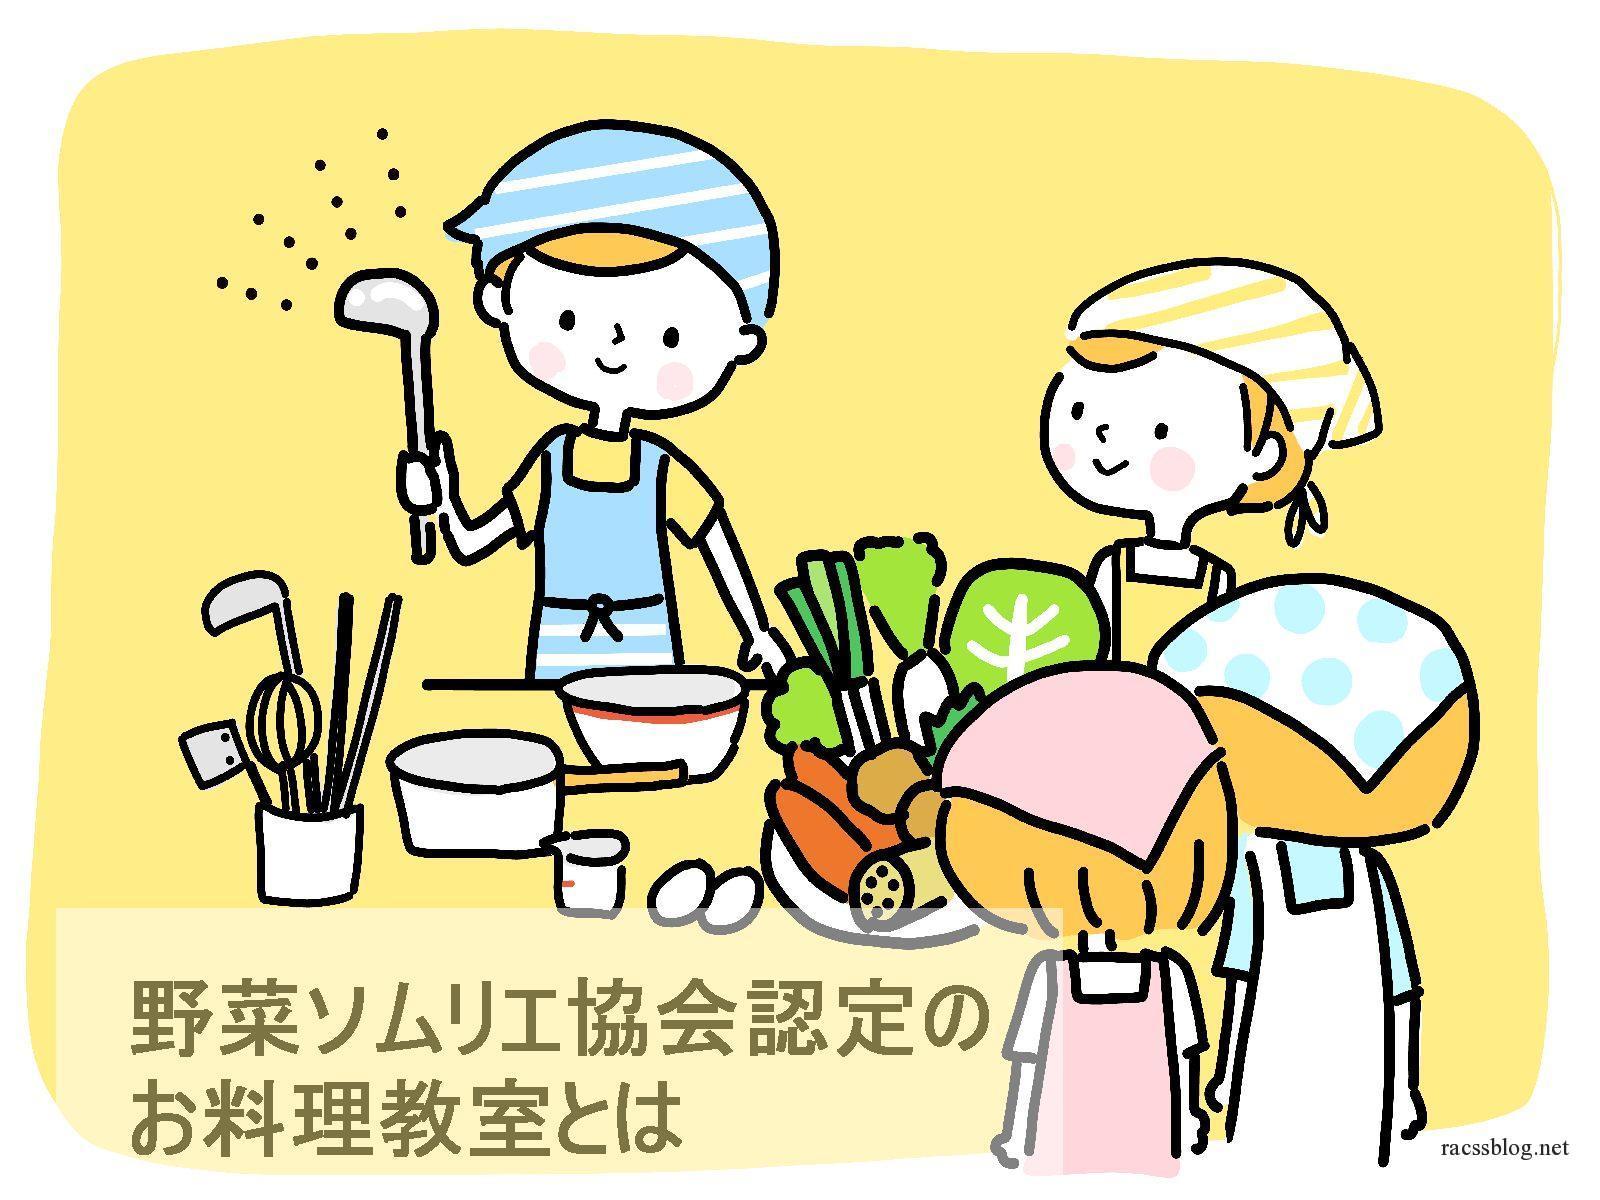 野菜ソムリエになったら認定料理教室を開けます|主婦の資格活用法